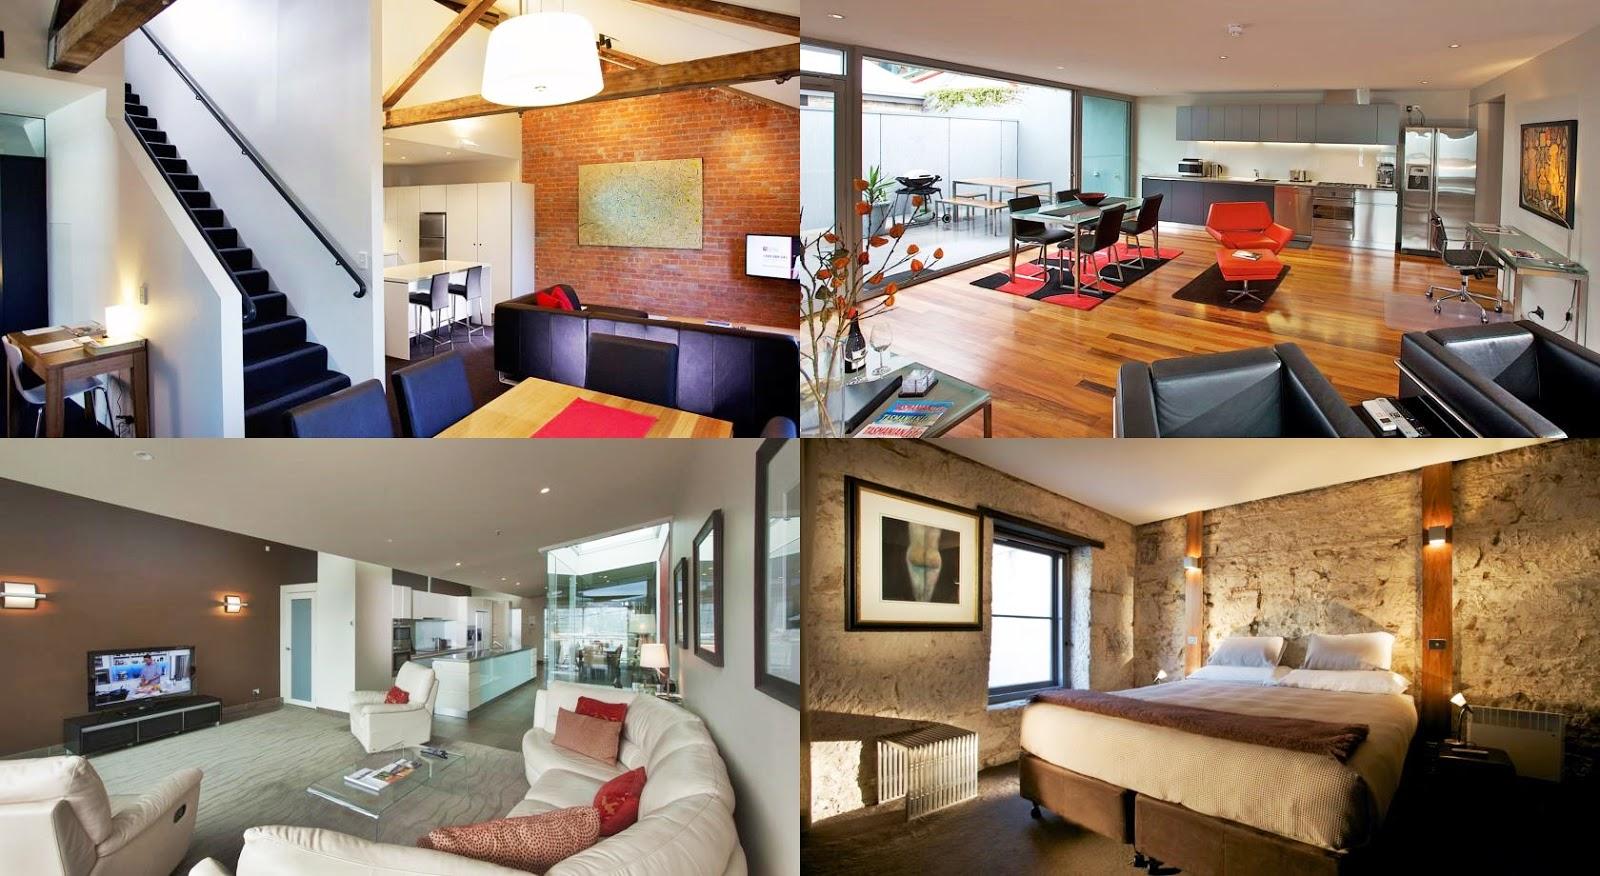 塔斯馬尼亞-住宿-推薦-蘇麗婉克芙公寓式酒店-Sullivans-Cove-旅館-飯店-酒店-民宿-公寓-澳洲-Tasmania-Hotel-Apartment-Accommodation-Australia